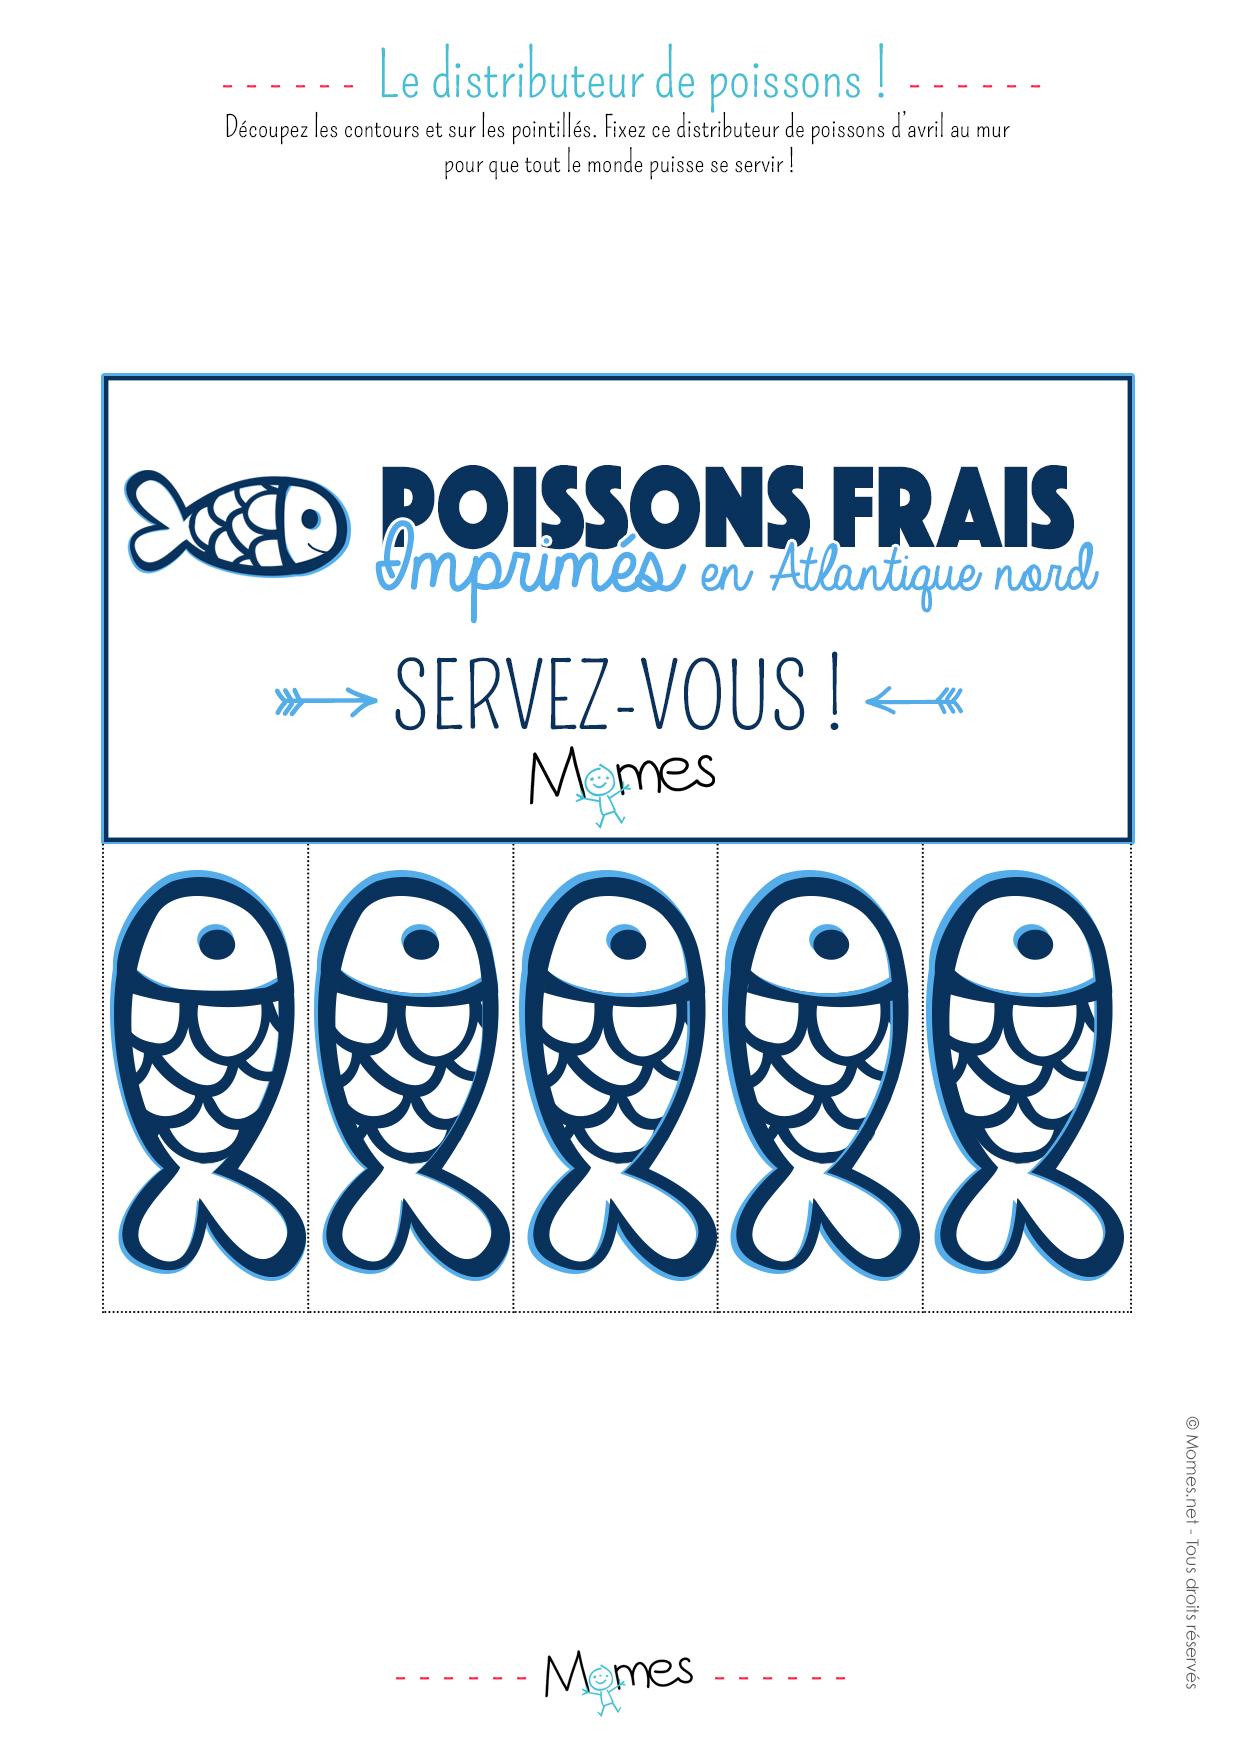 Distributeur de poissons d 39 avril for Distributeur poisson